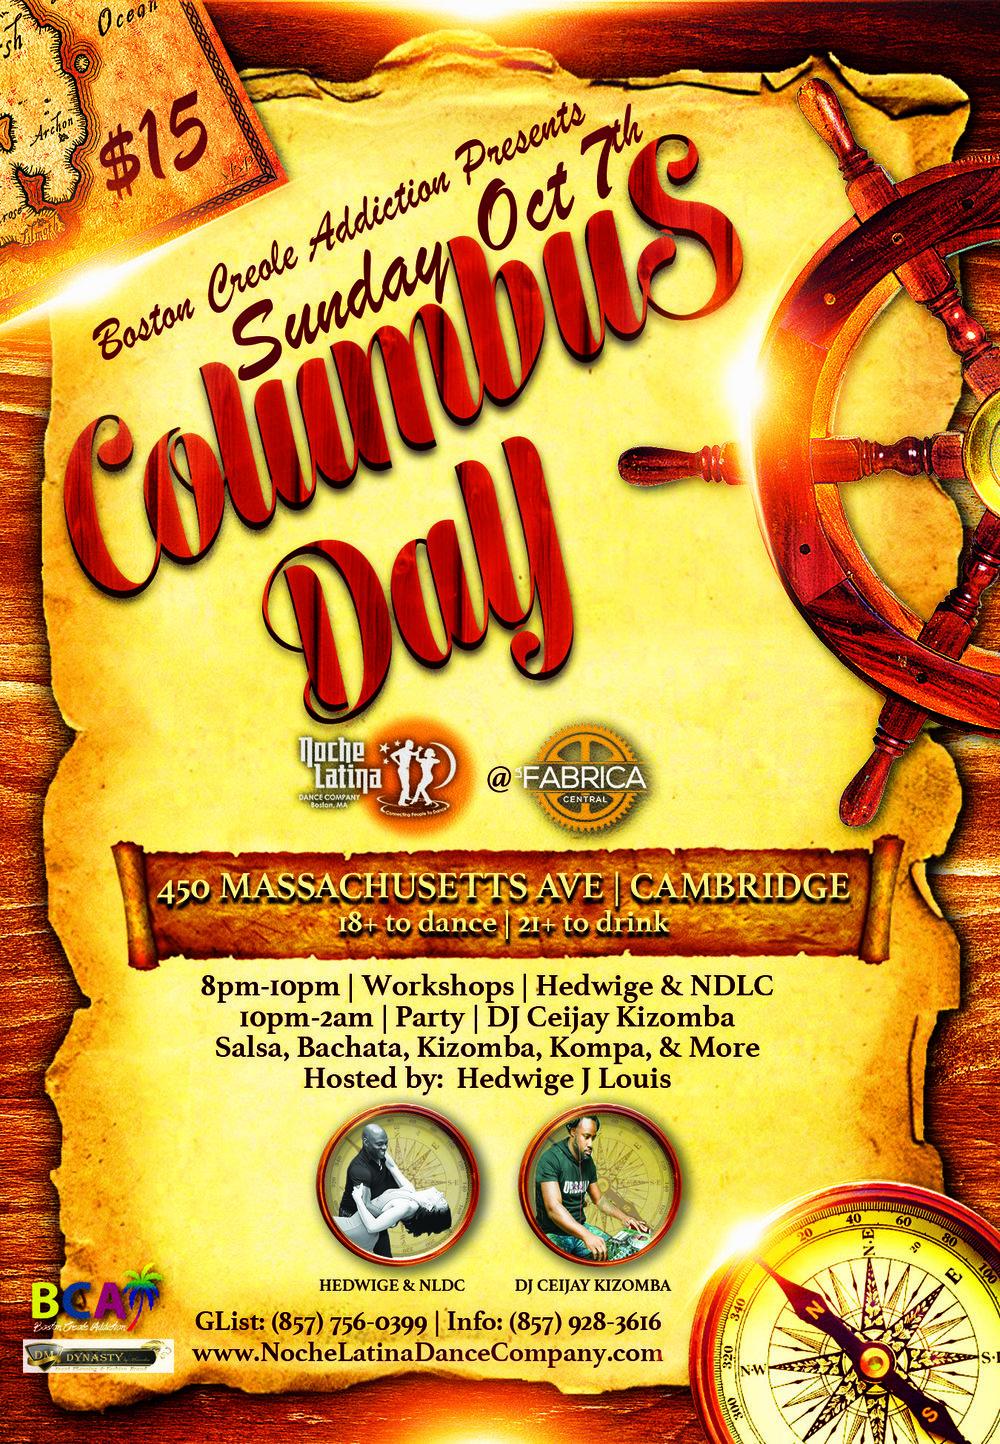 Columbus Day Flyer.jpg